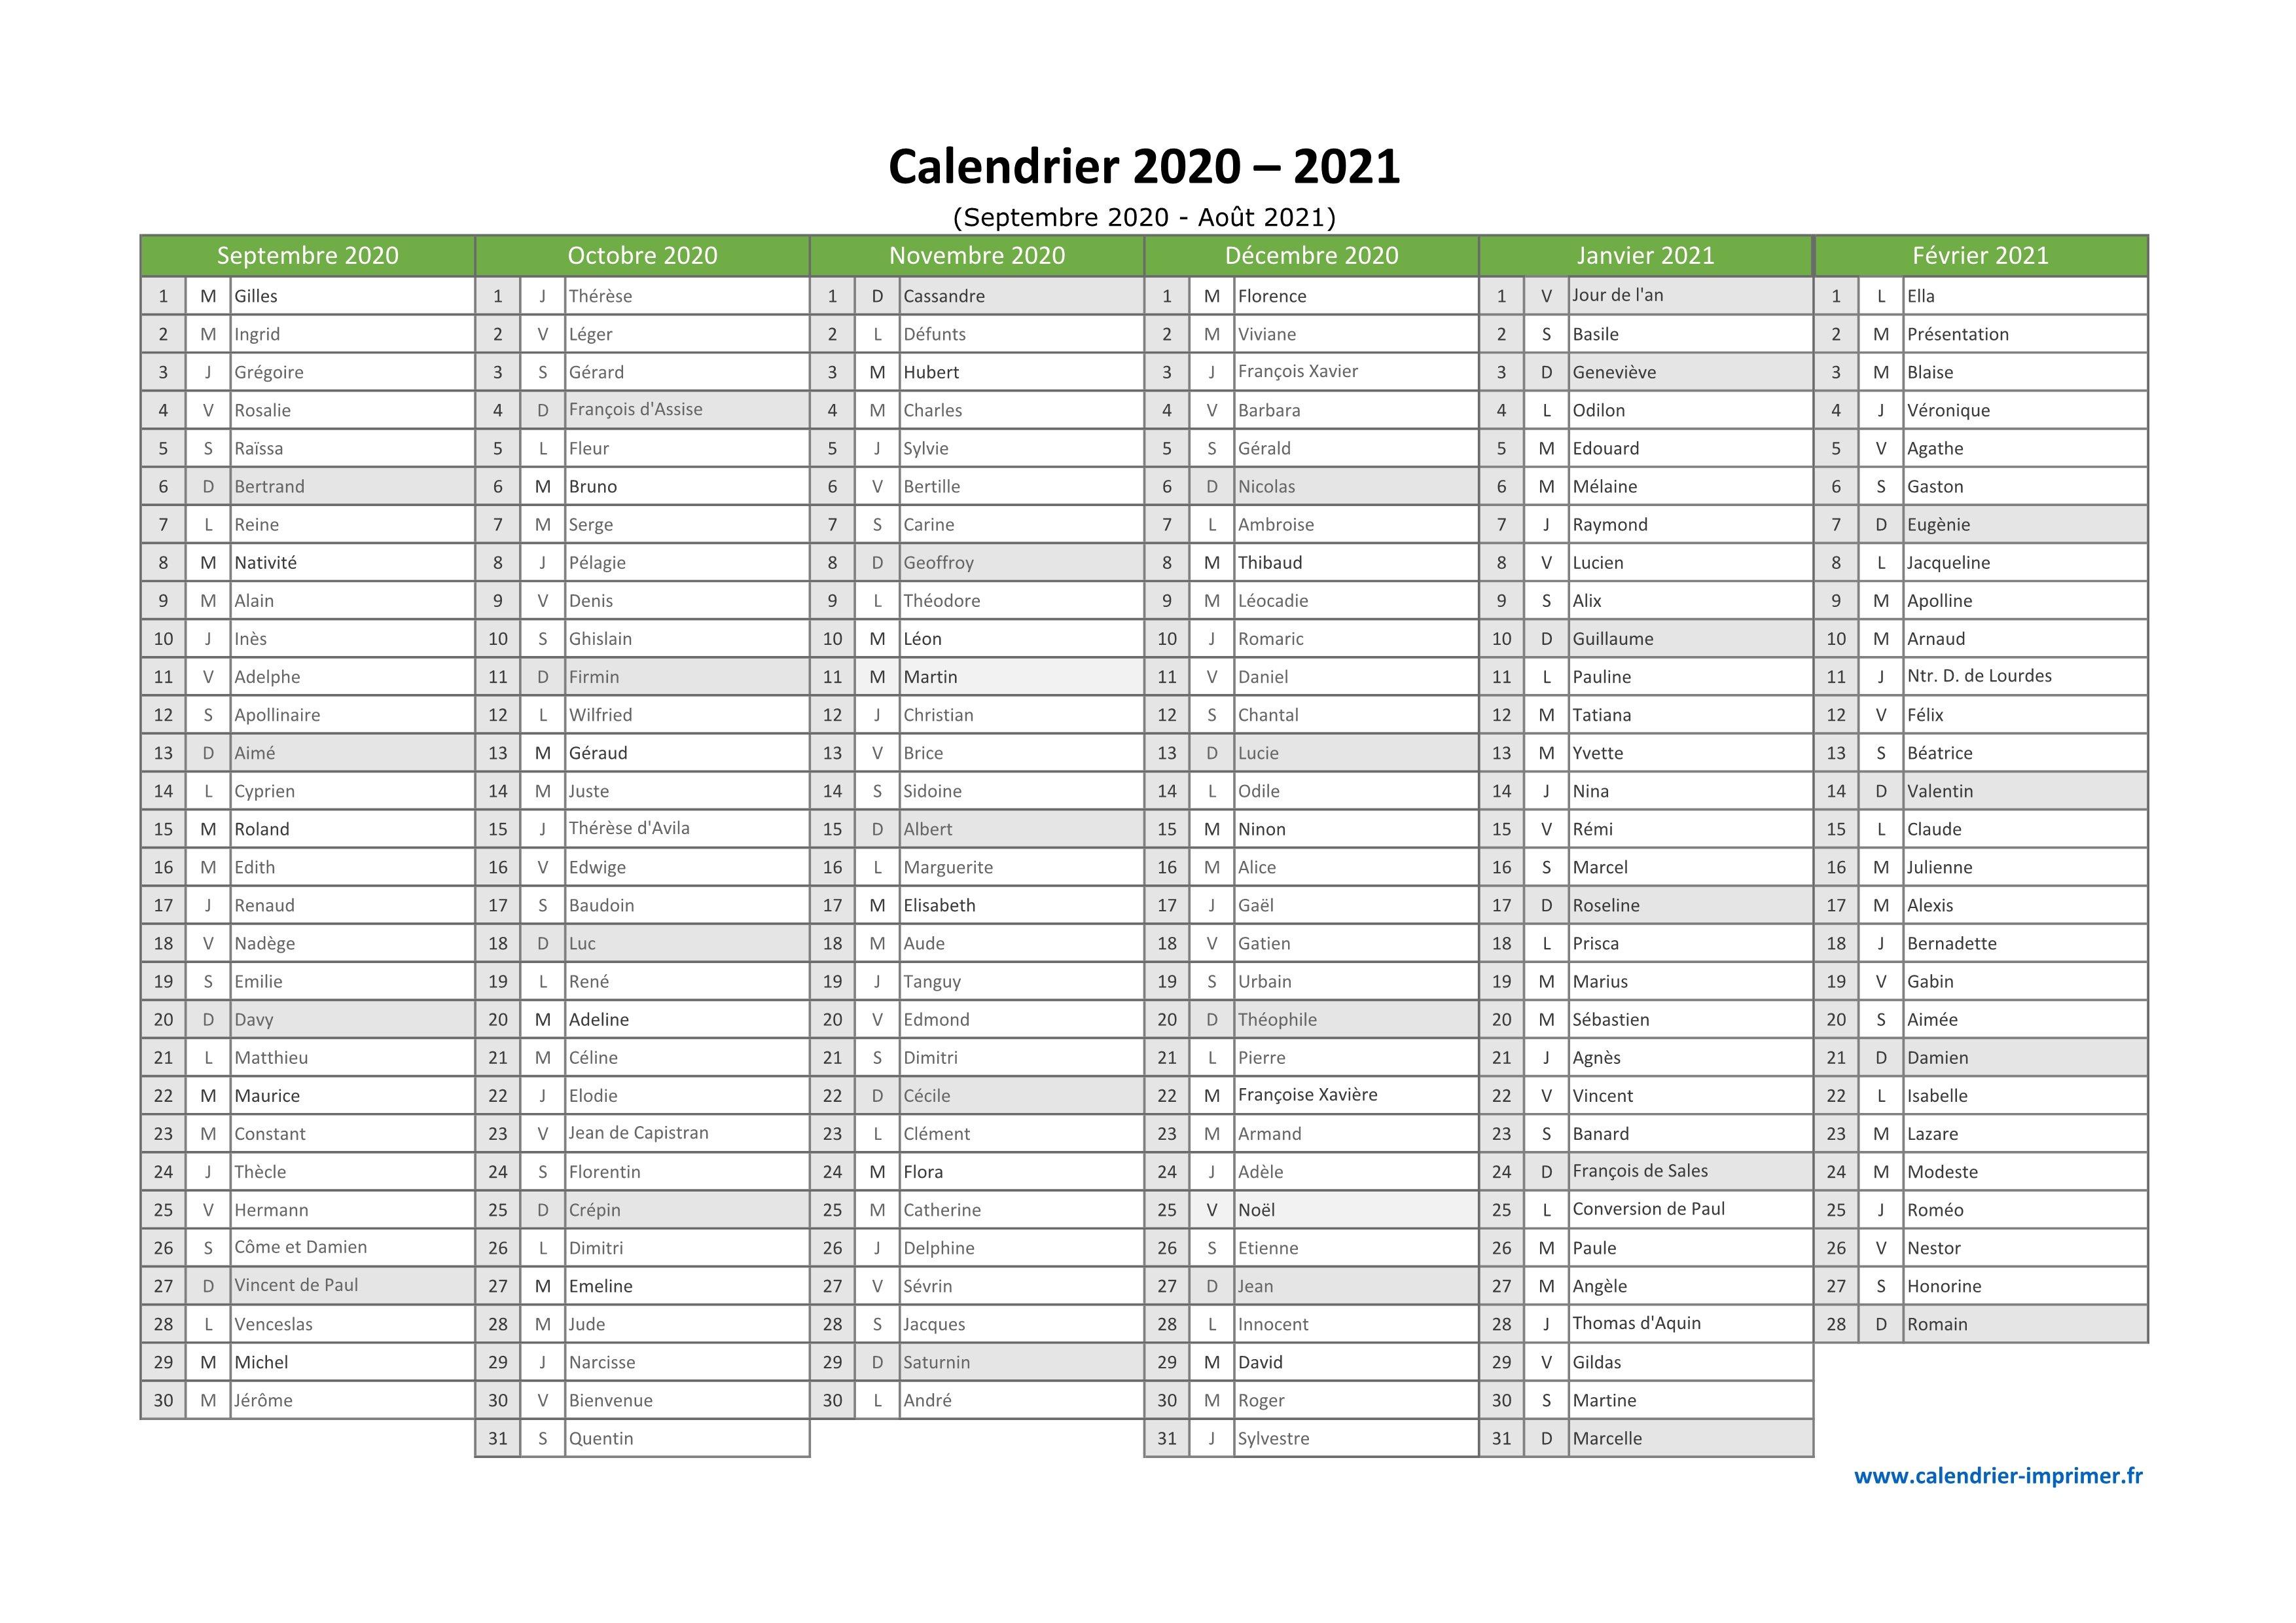 Calendrier 2020 2021 À Imprimer concernant Calendrier 2019 Avec Jours Fériés Vacances Scolaires À Imprimer